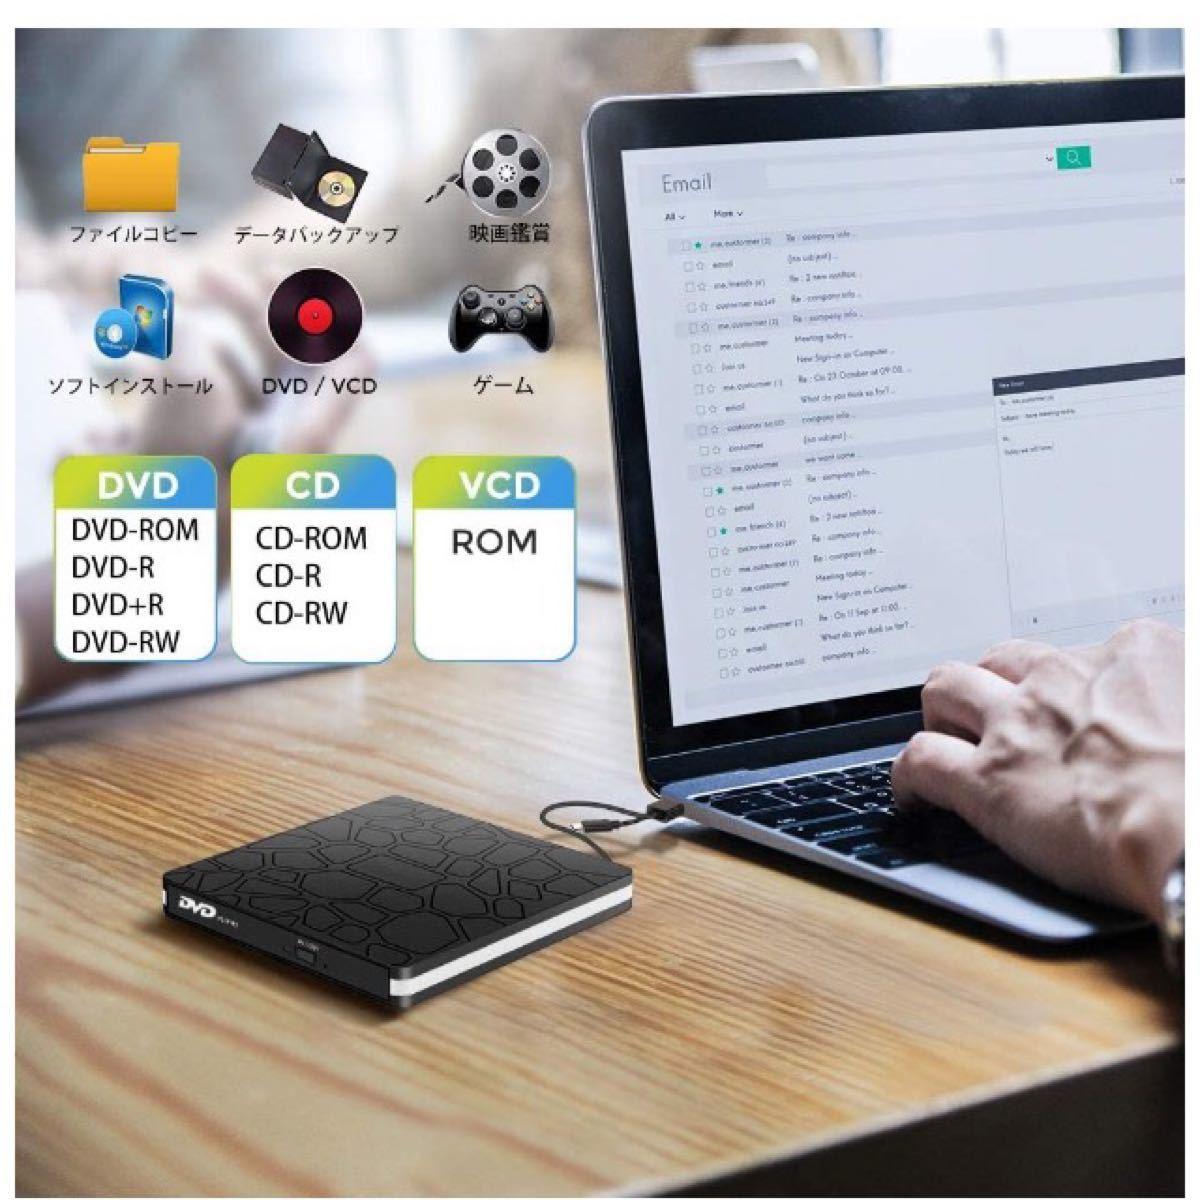 USB3.0 Type C 外付け DVDドライブ CD/DVDプレーヤー